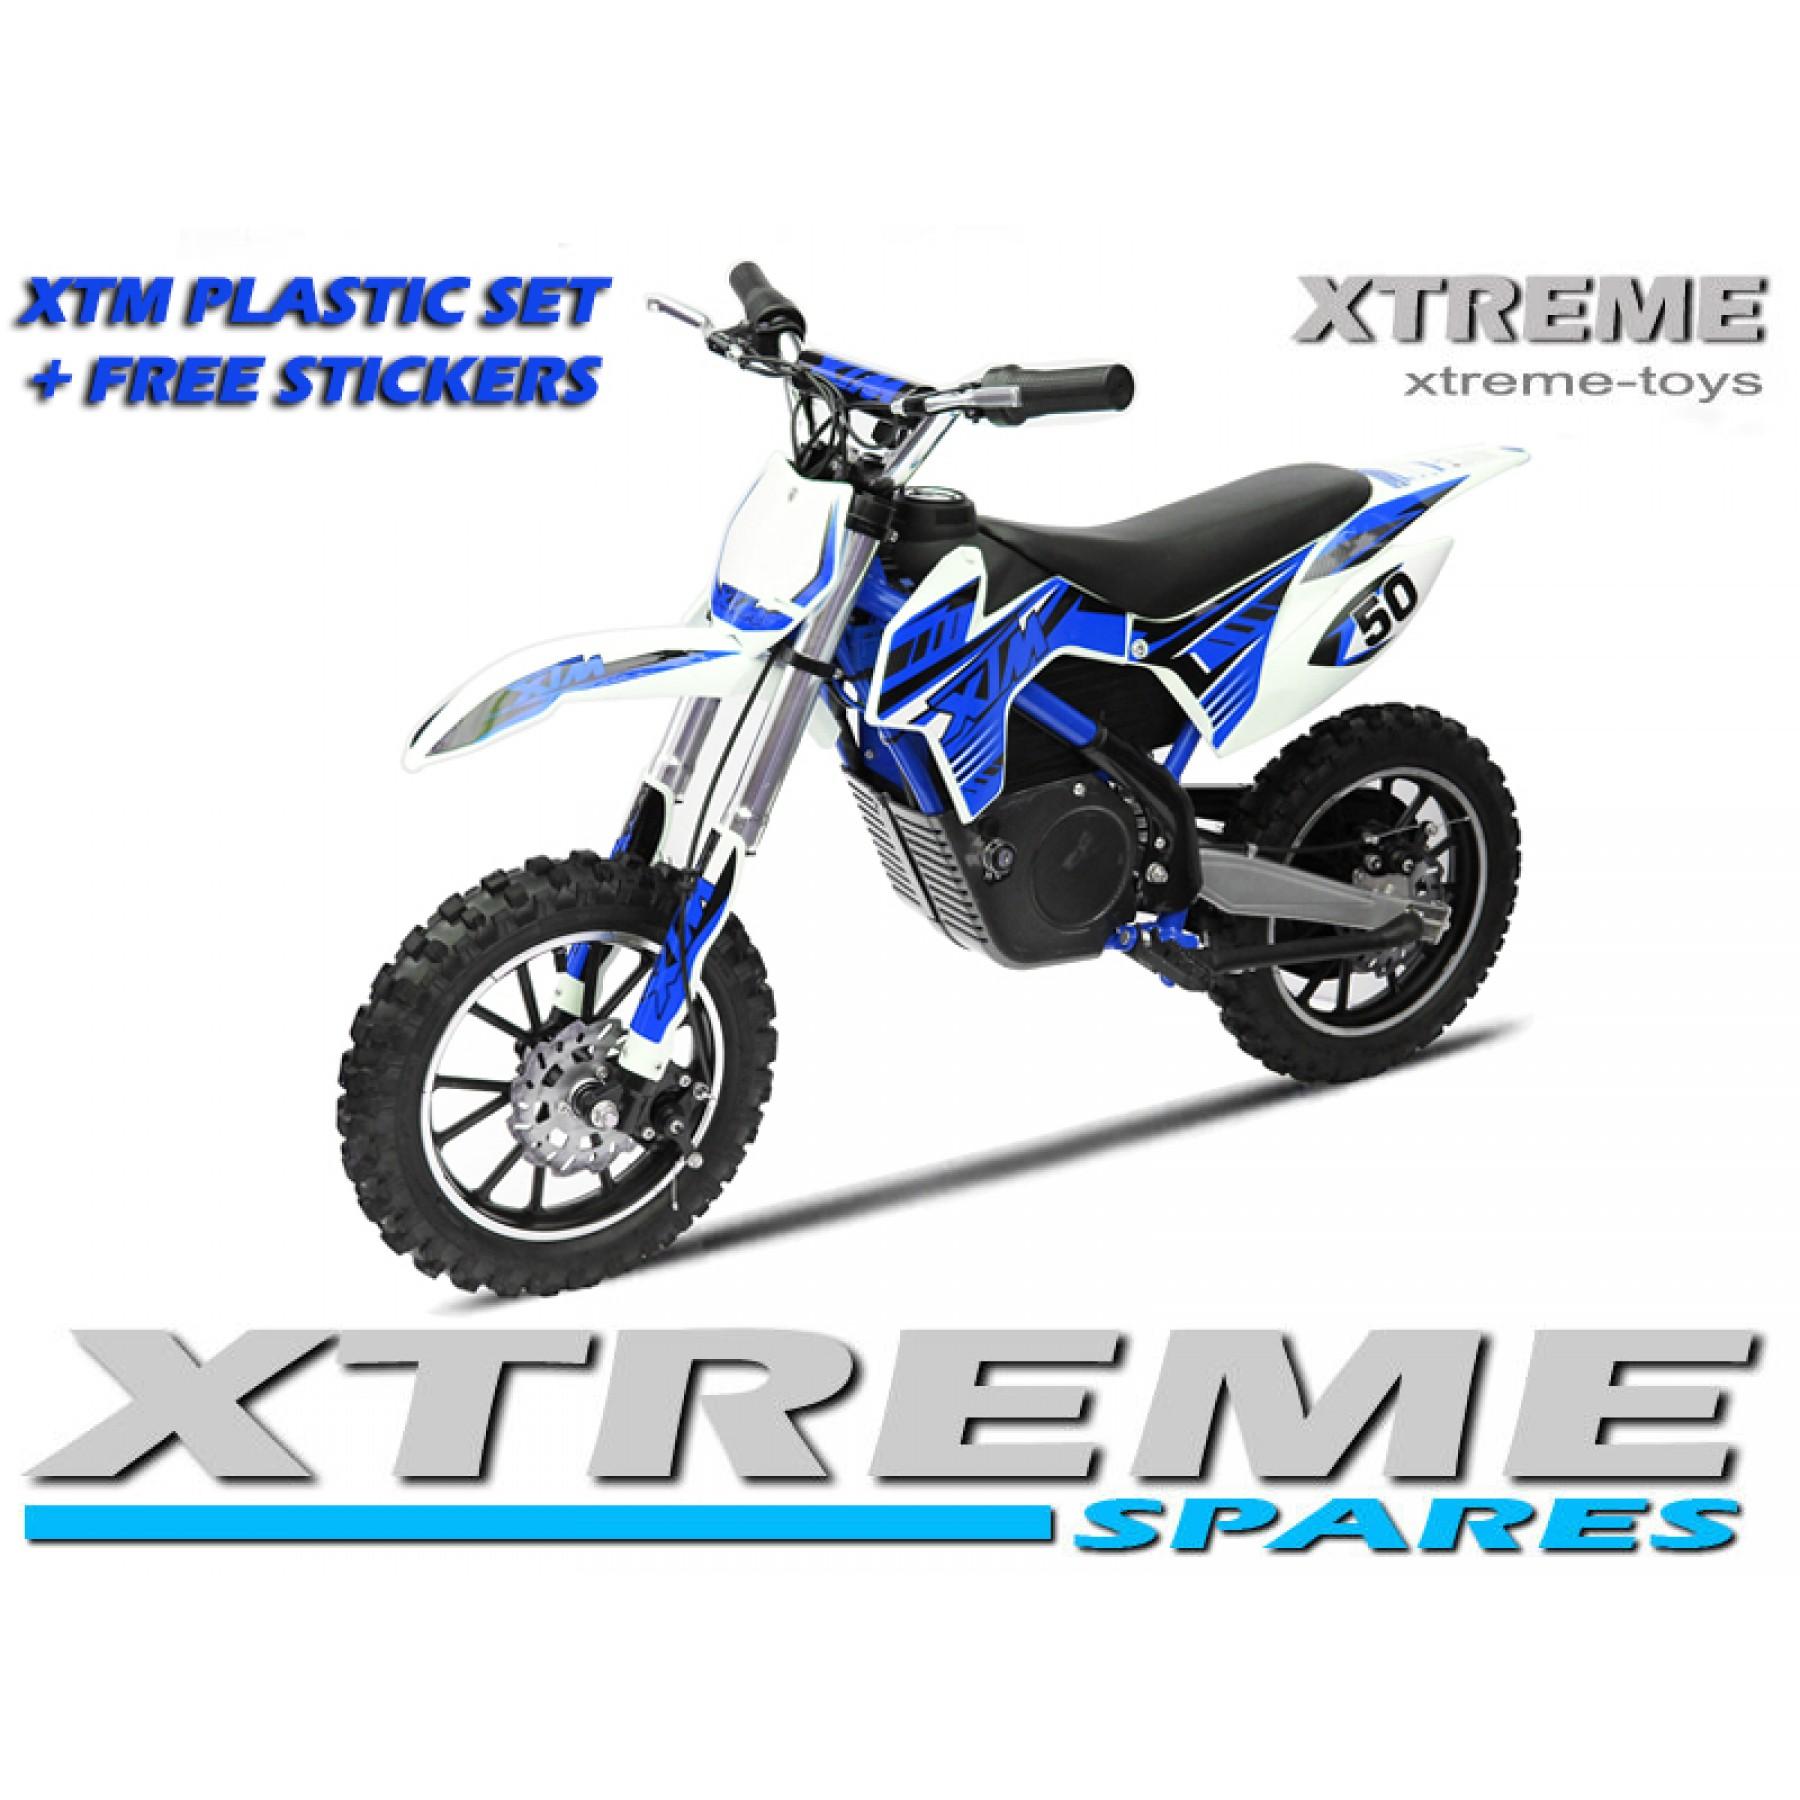 MINI DIRT MOTOR BIKE XTREME XTM FULL PLASTICS KIT + FREE BLUE STICKERS KIT SET